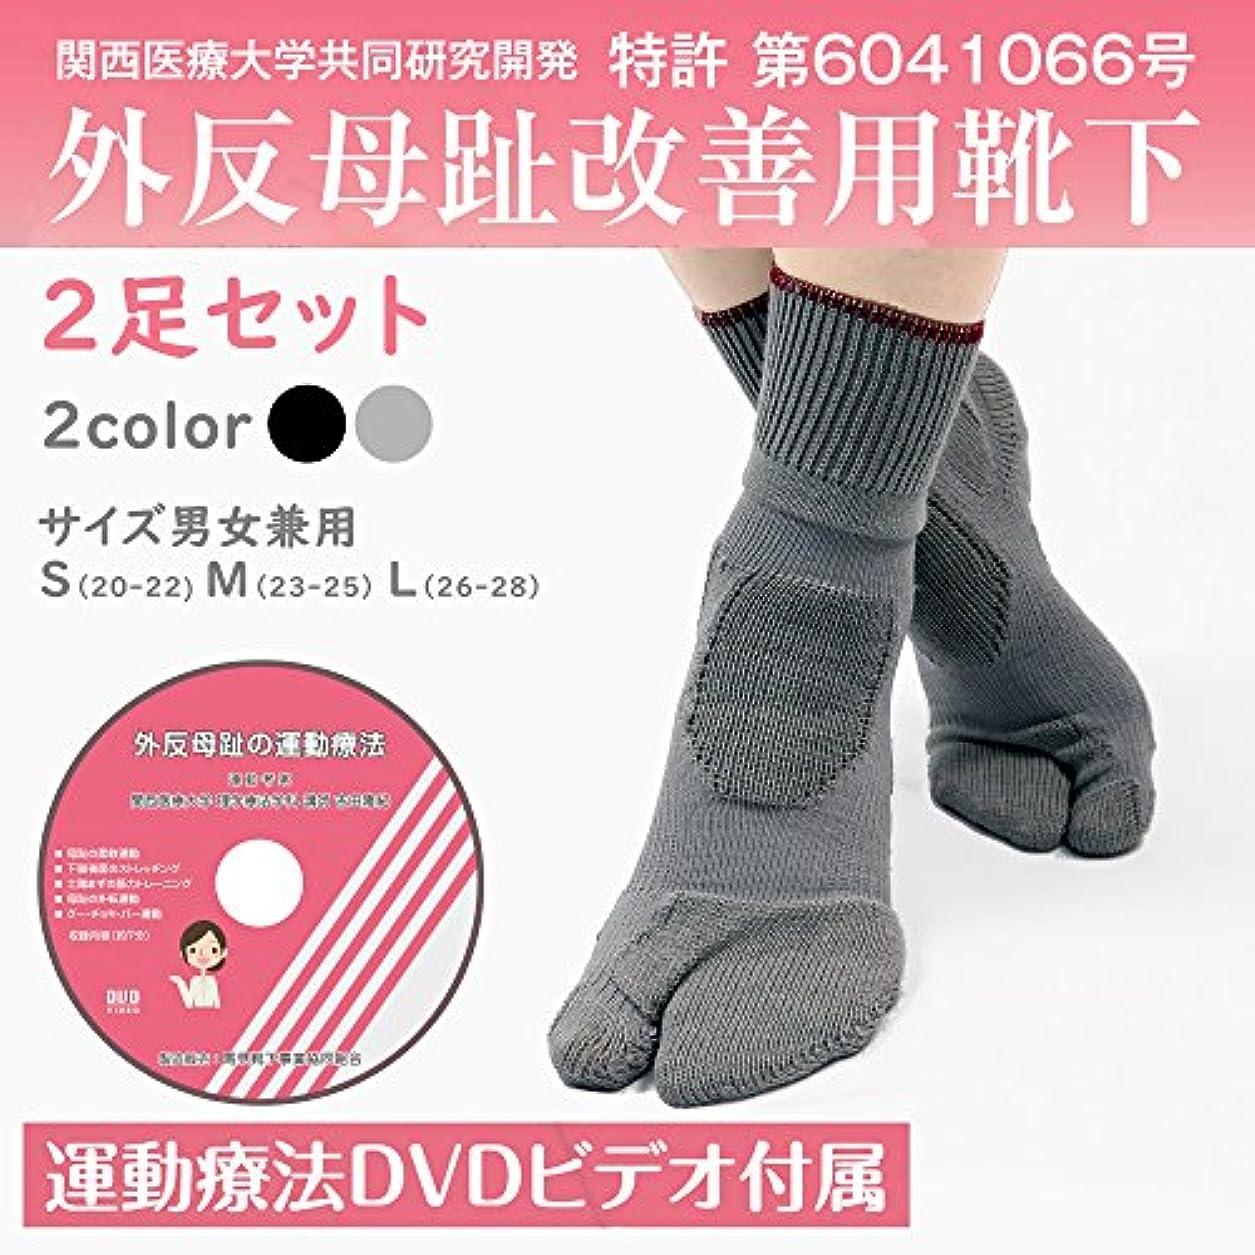 外反母趾改善用靴下2足セット、運動療法DVDビデオ付(カサネラボ)kasane lab. (ブラック, M:23-25cm)